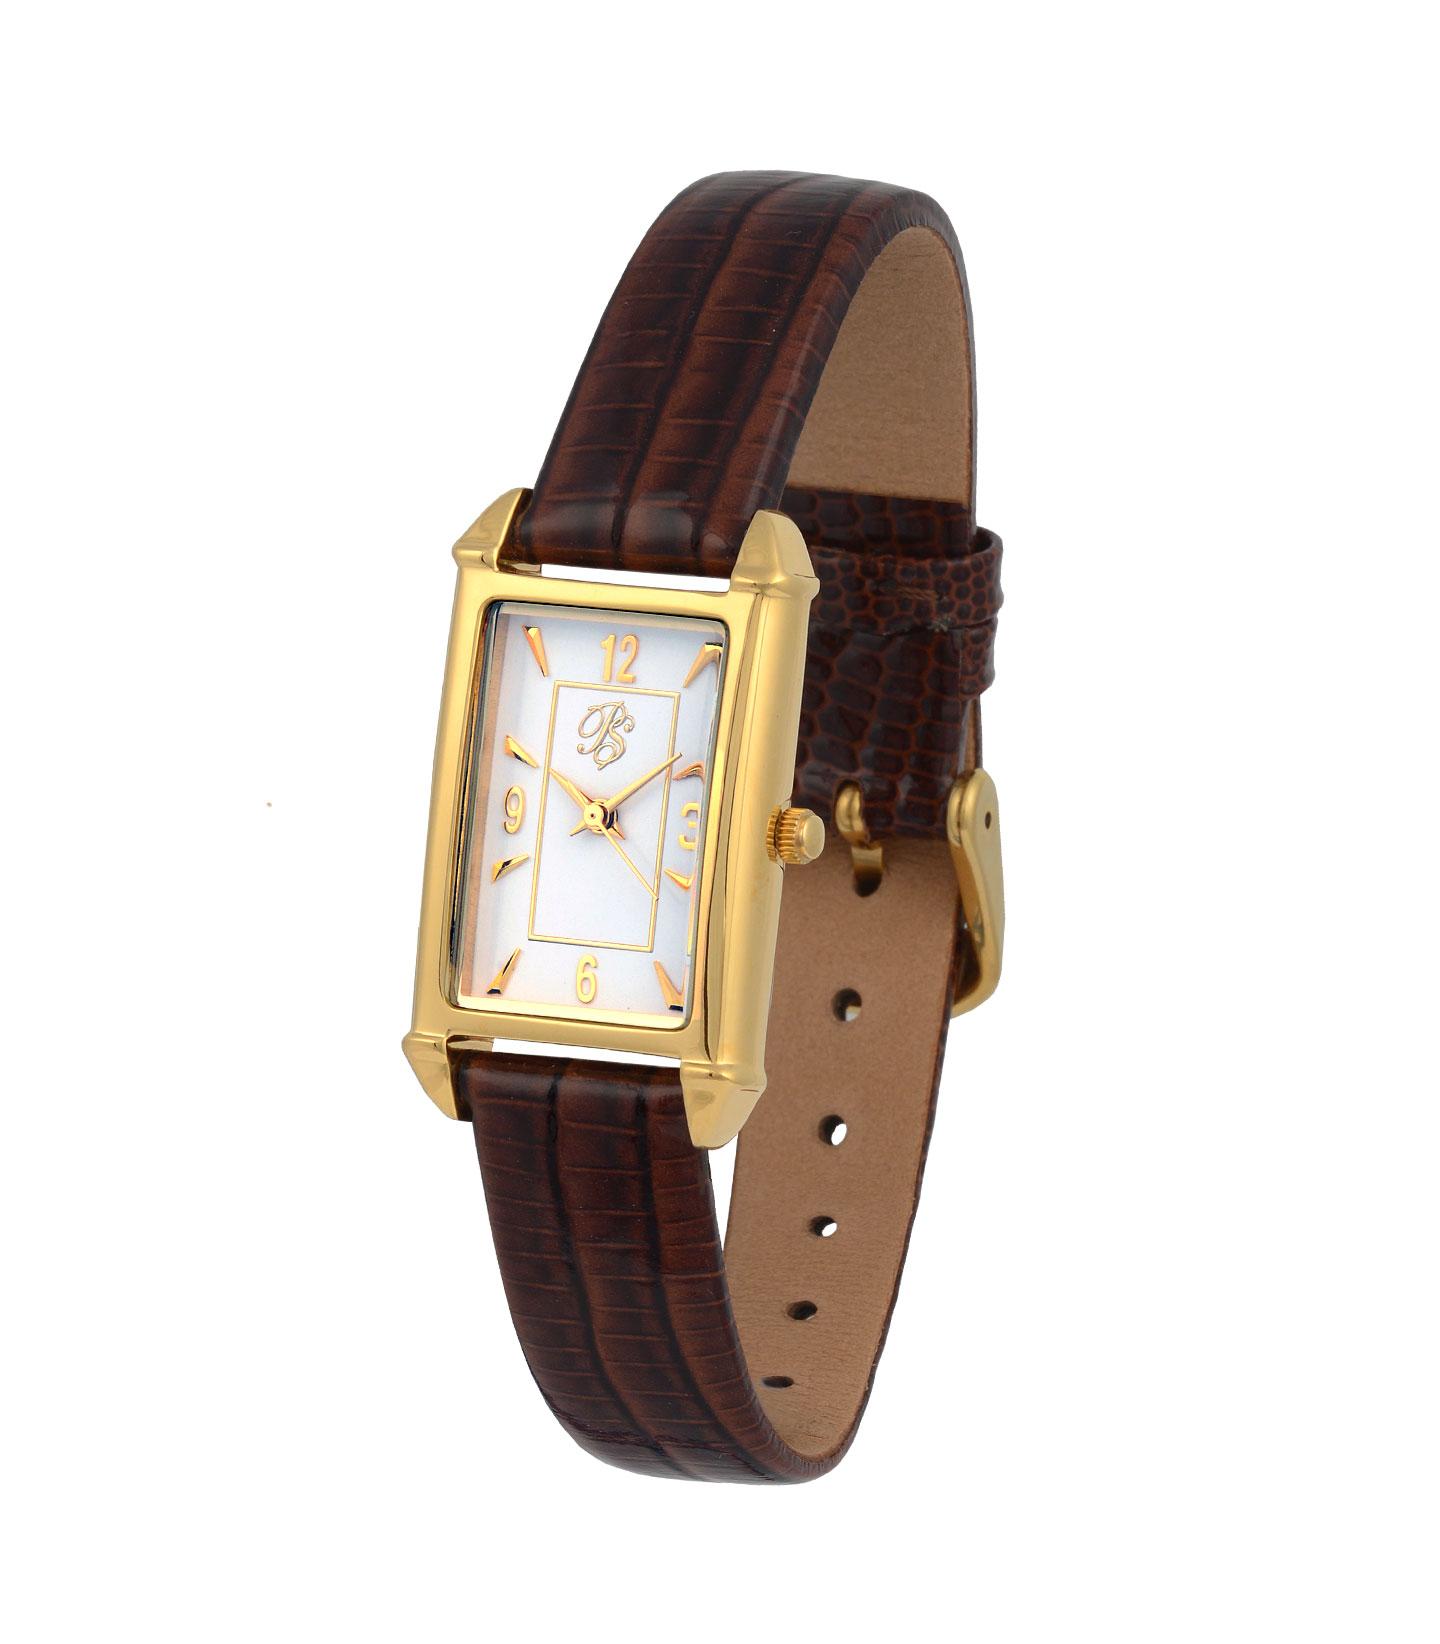 Различные варианты женских часов швейцарского качества заслуженно считаются элитным сегментом рынка подобной продукции.